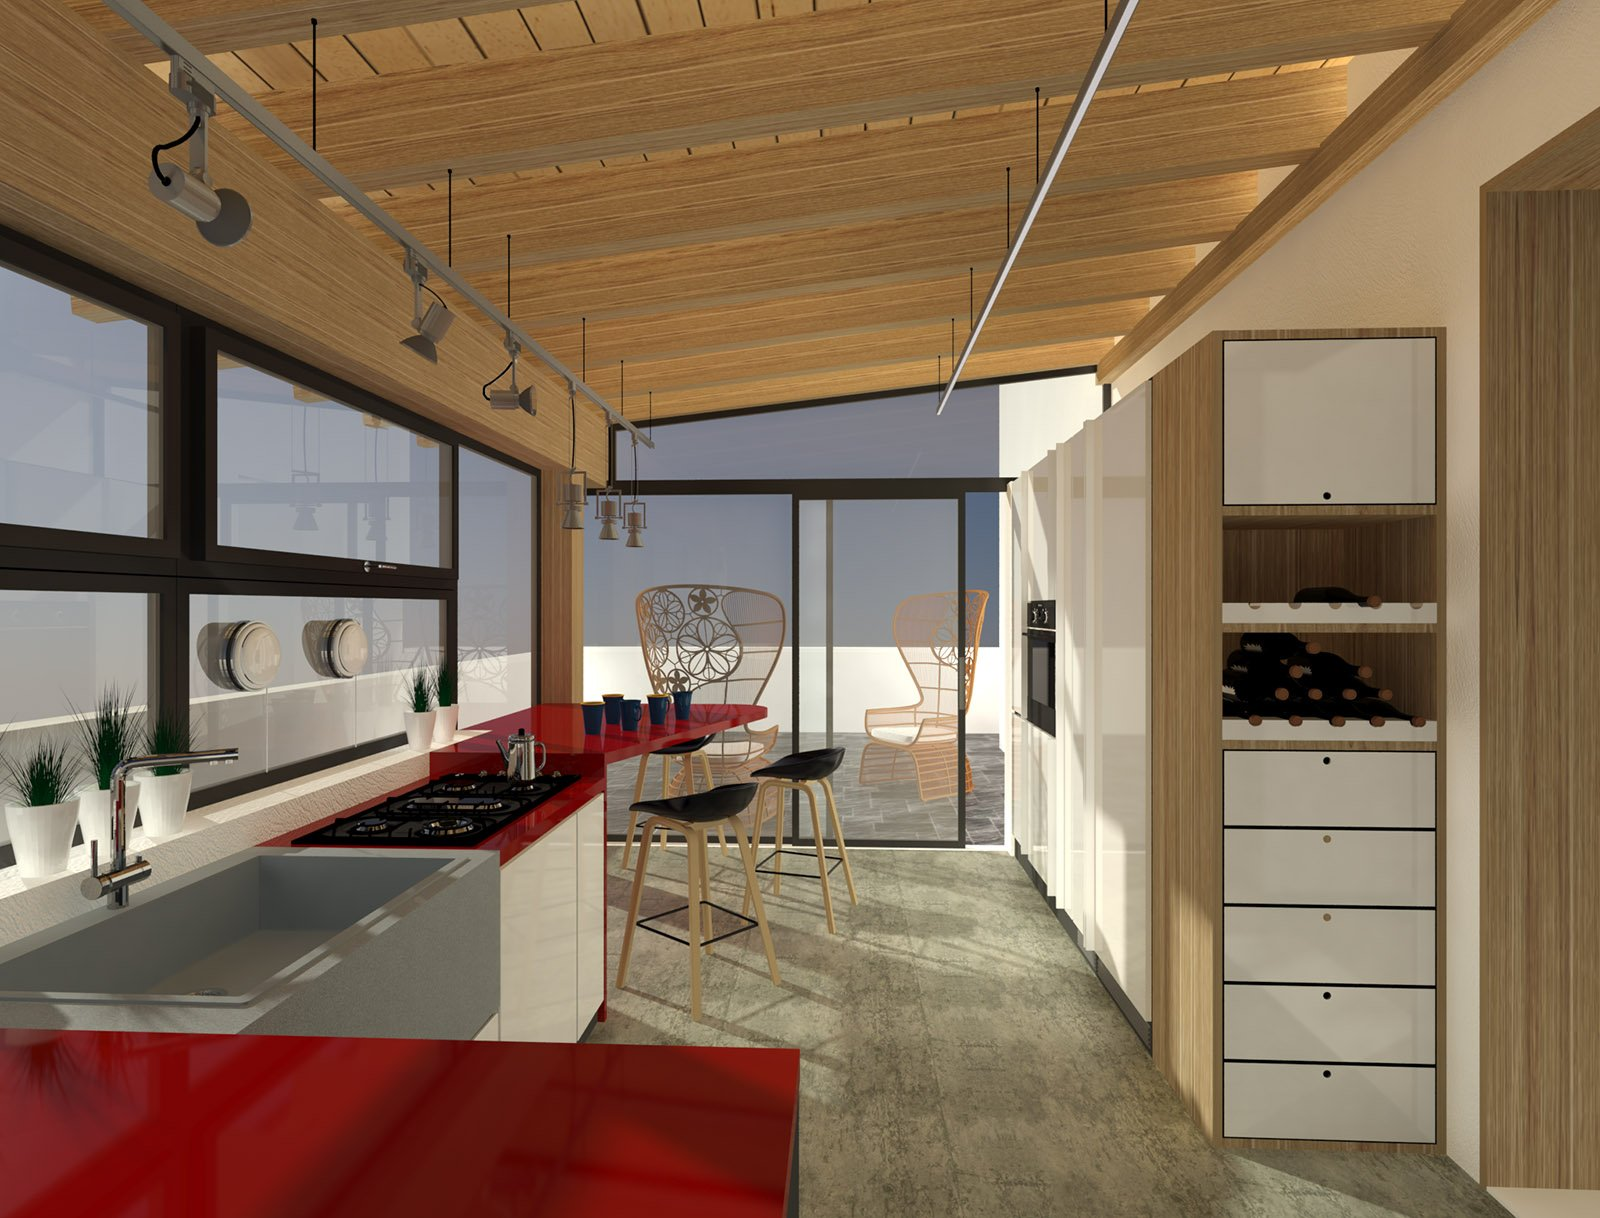 Spostare la cucina sul terrazzo sfruttando il Piano casa - Cose di ...